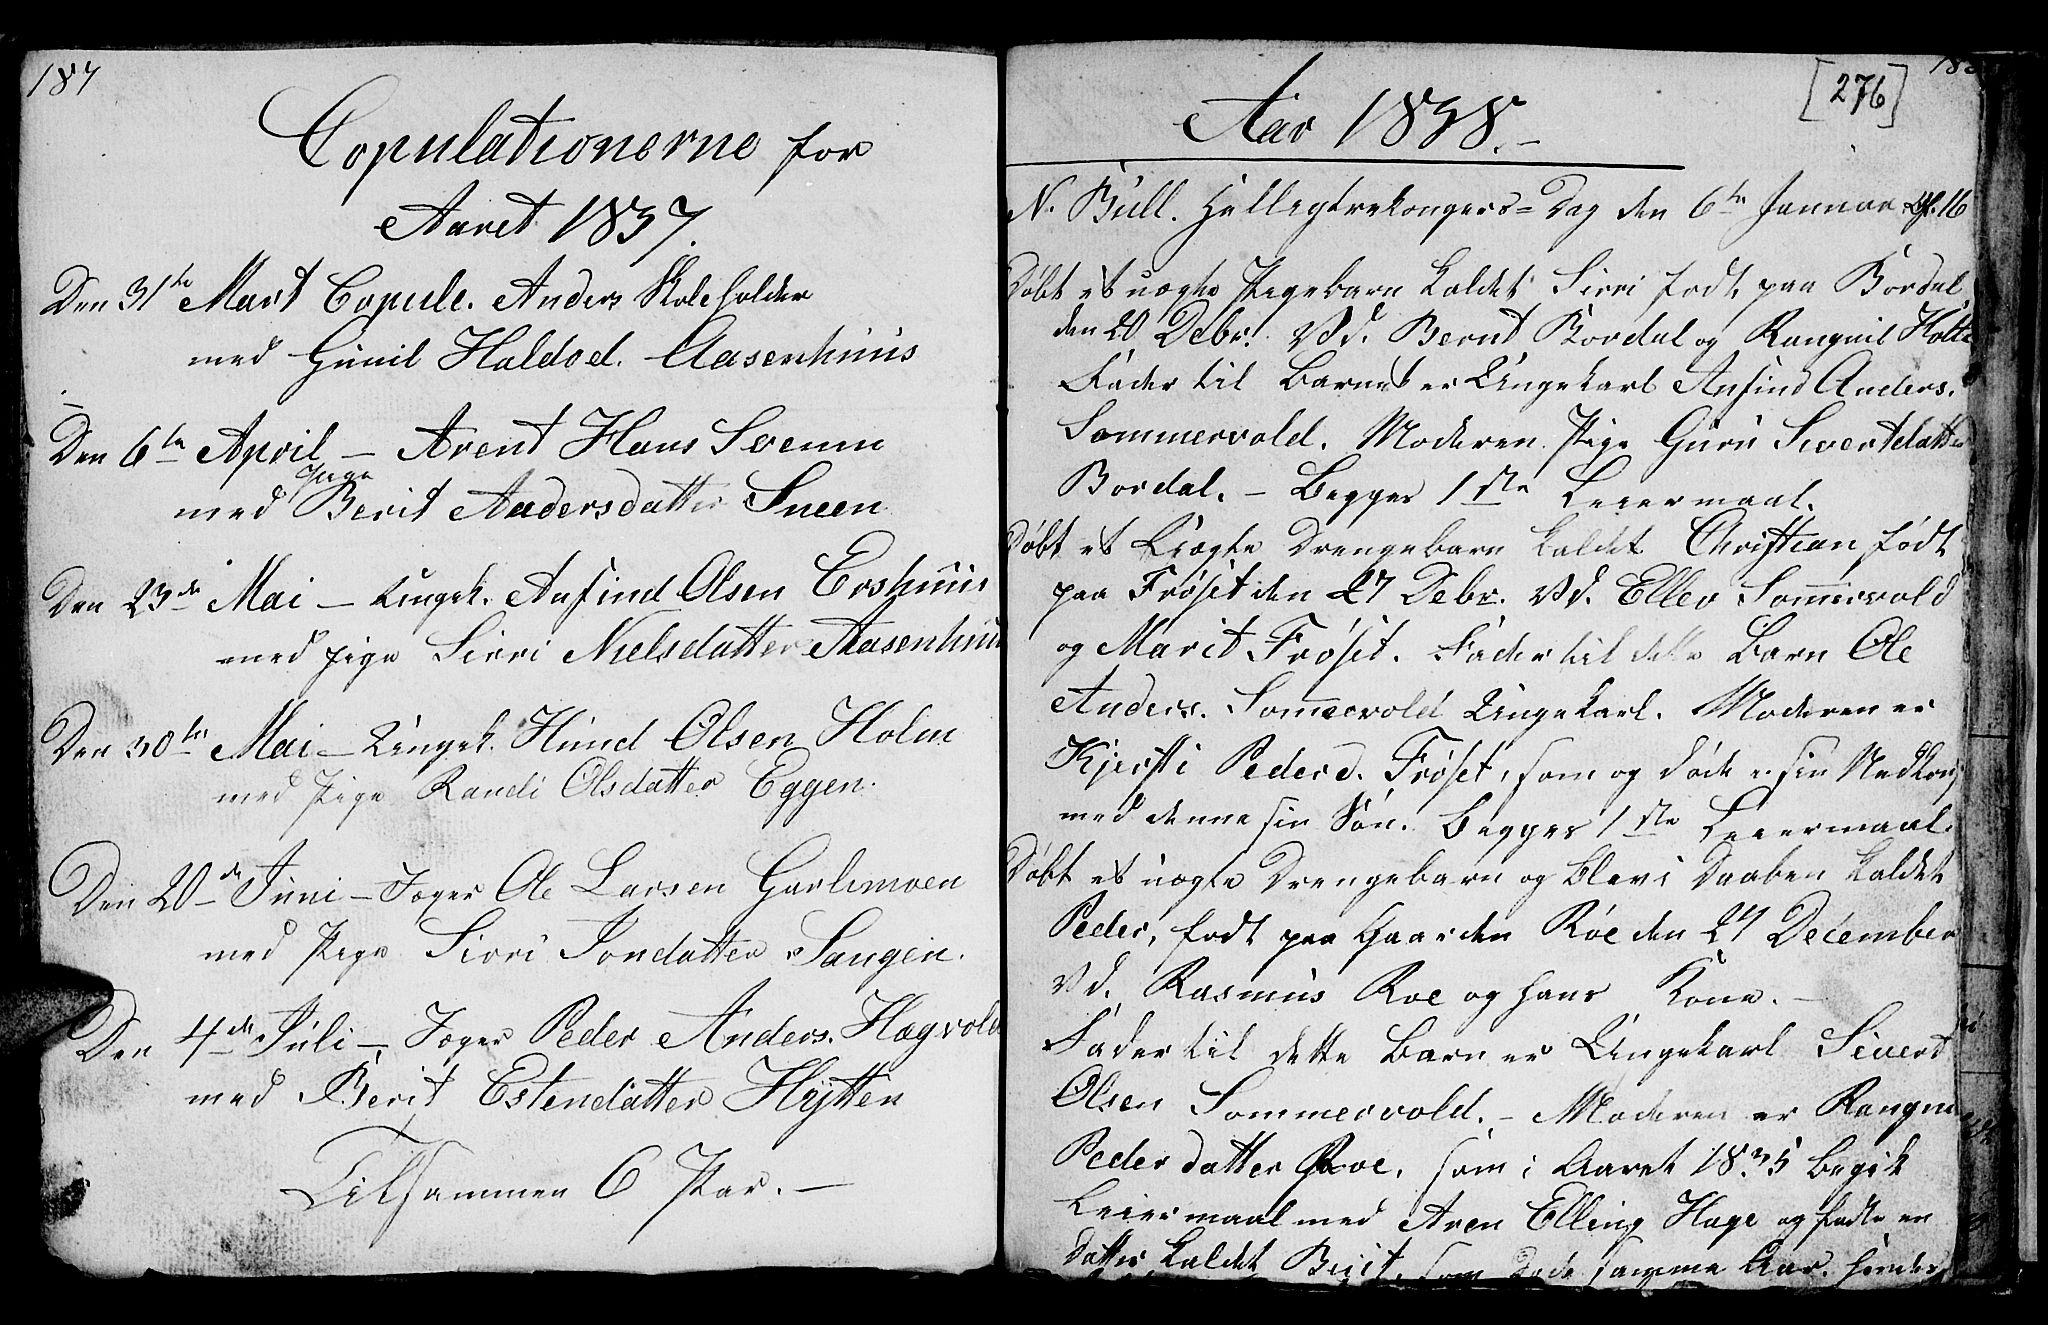 SAT, Ministerialprotokoller, klokkerbøker og fødselsregistre - Sør-Trøndelag, 689/L1042: Klokkerbok nr. 689C01, 1812-1841, s. 275-276